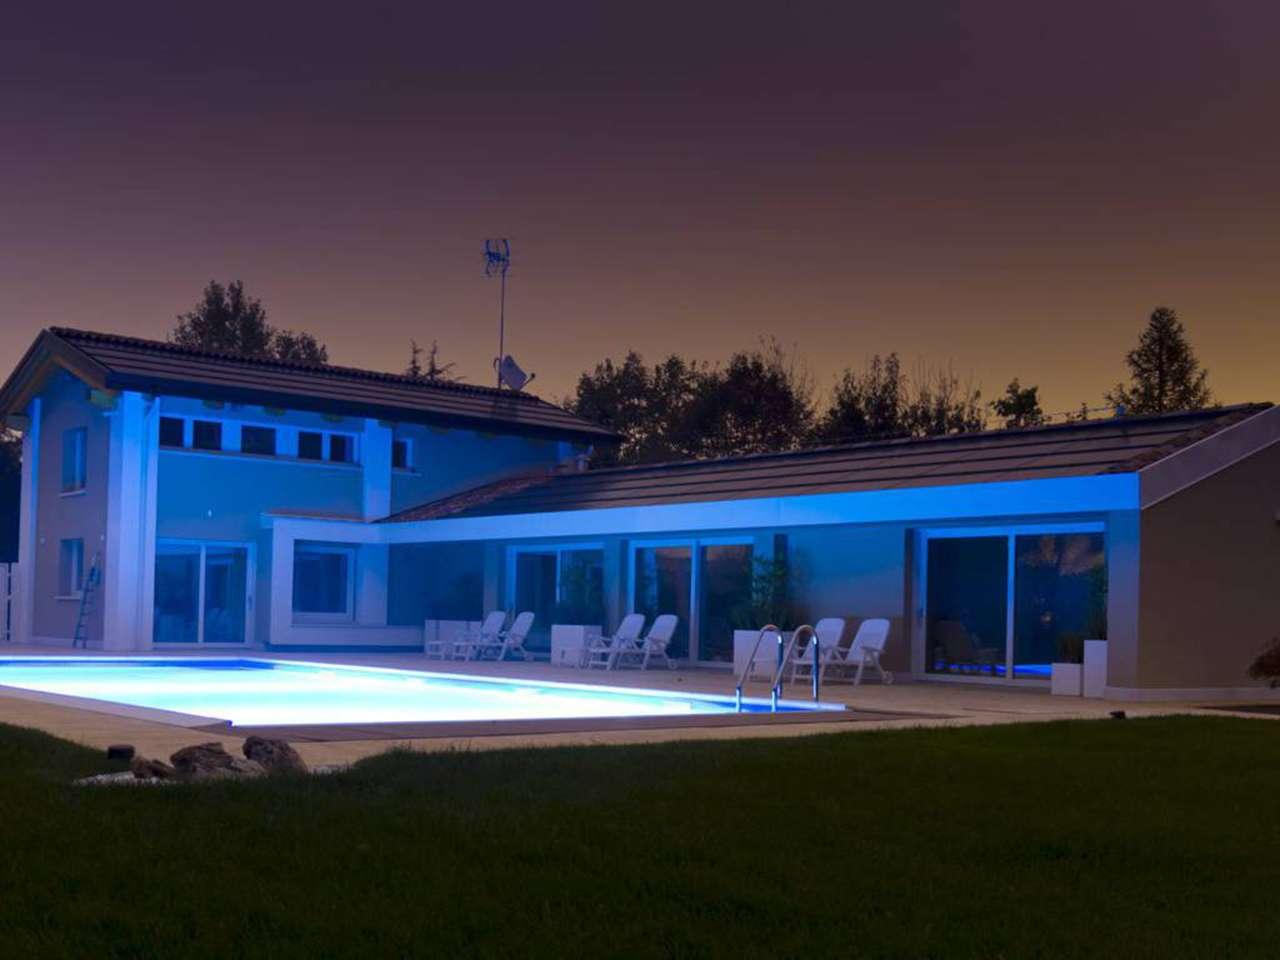 Villa in vendita a Venezia, 7 locali, zona Zona: 11 . Mestre, prezzo € 550.000 | CambioCasa.it